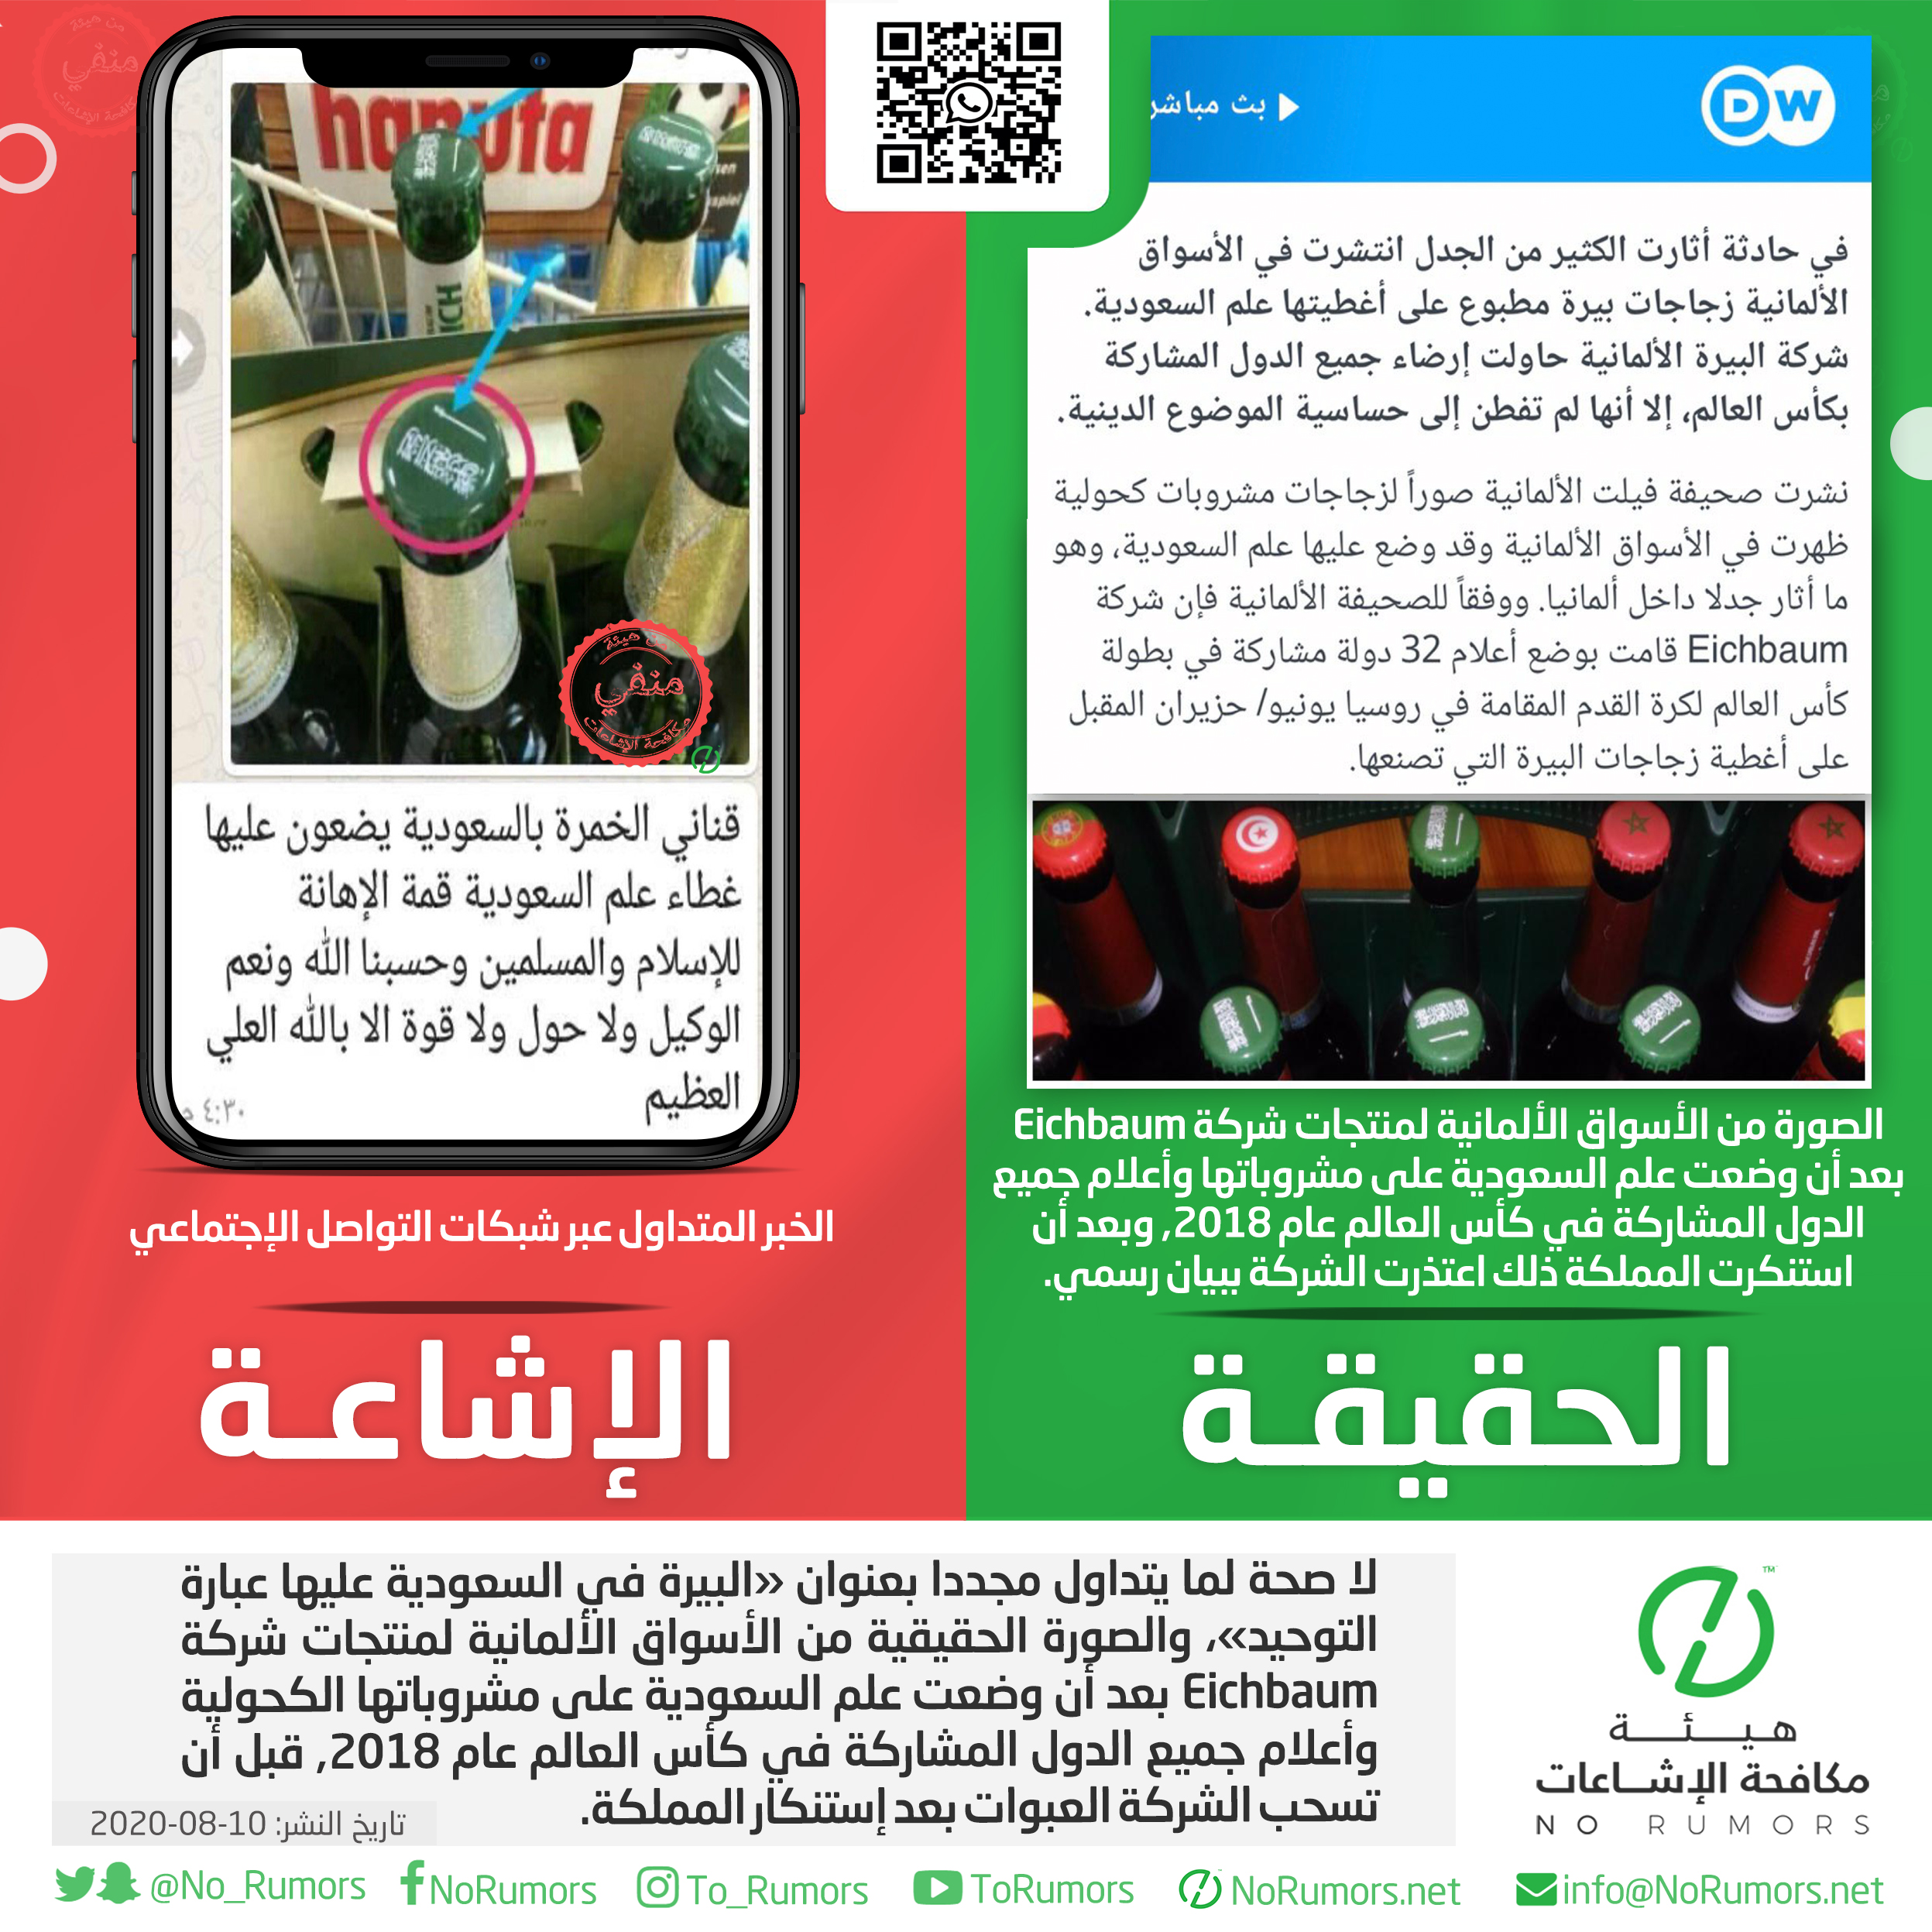 حقيقة مايتداول مجدداً بعنوان «البيرة في السعودية عليها عبارة التوحيد»